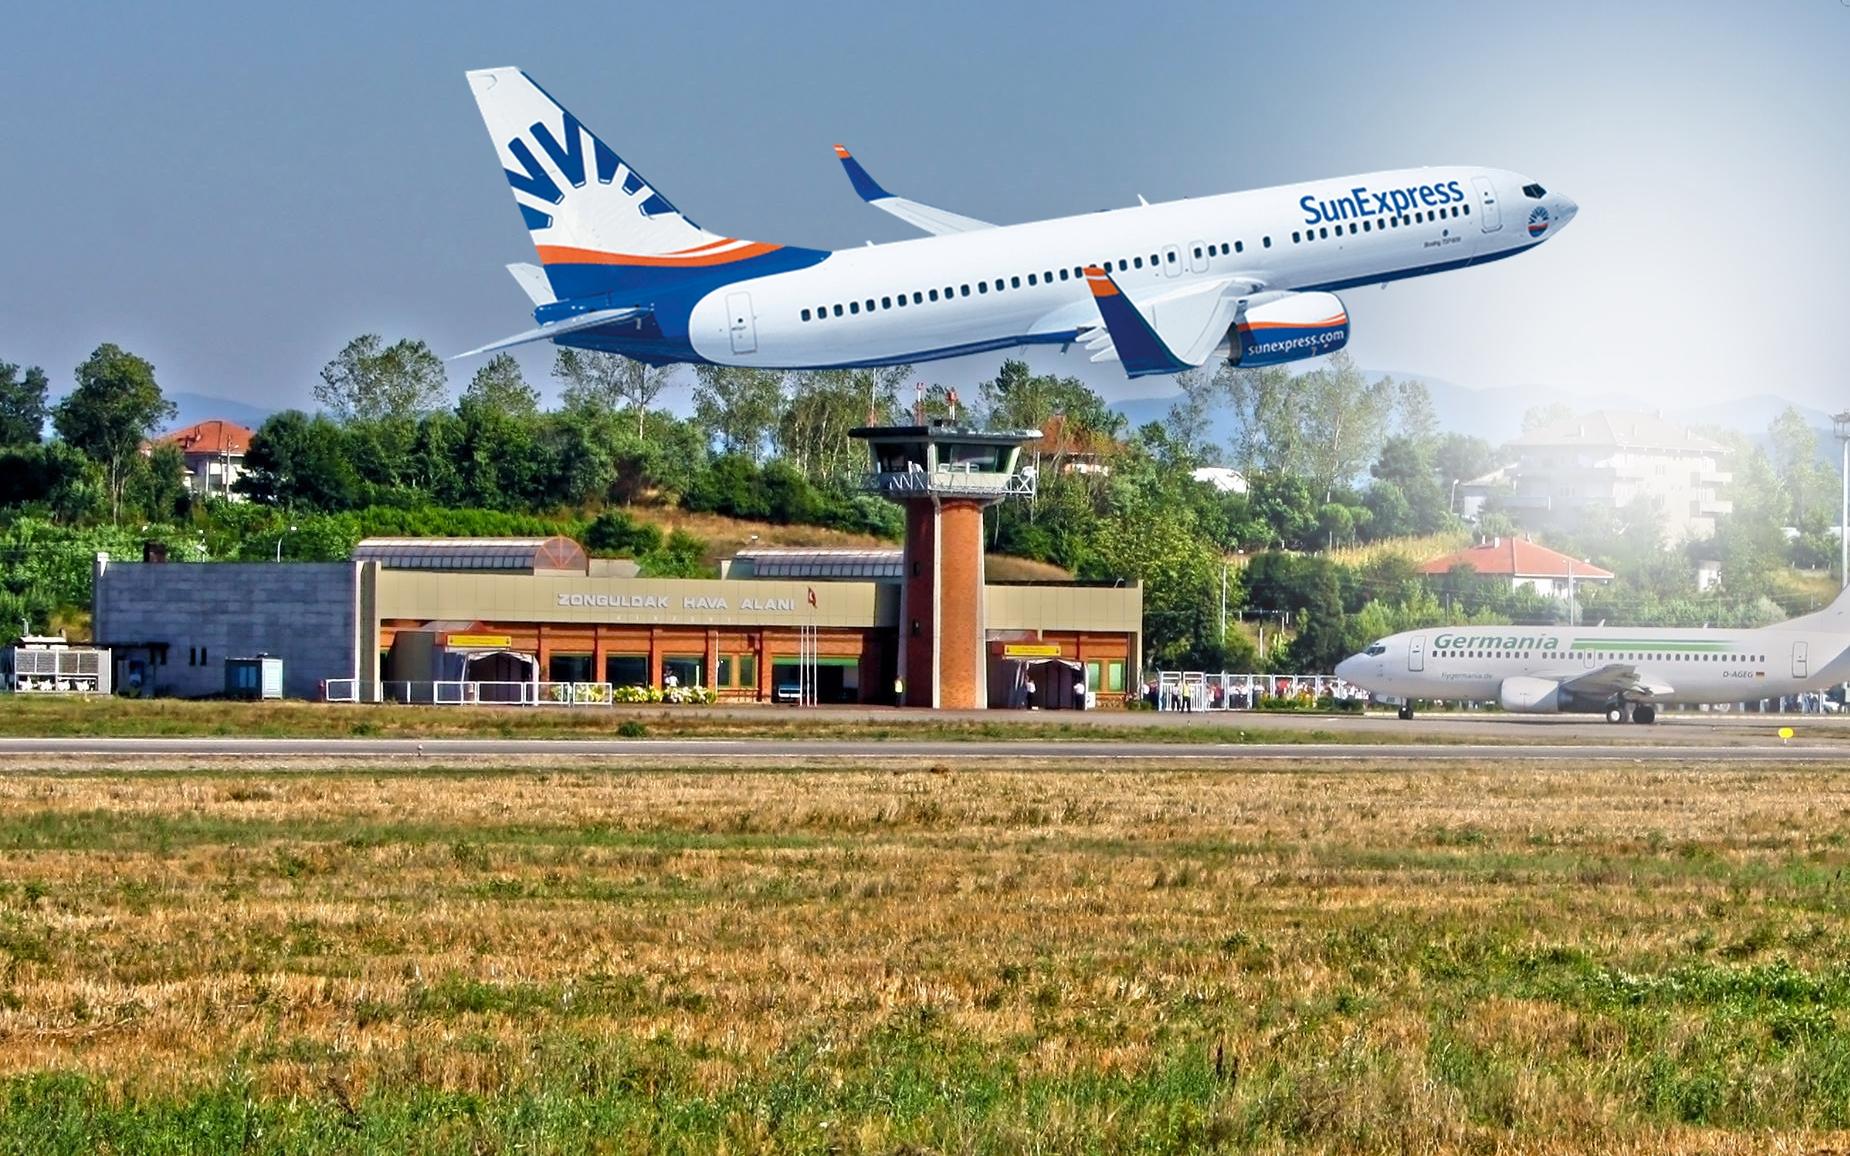 Sunexpress Hava Yolları, Zonguldak'tan Almanya'ya uçacak